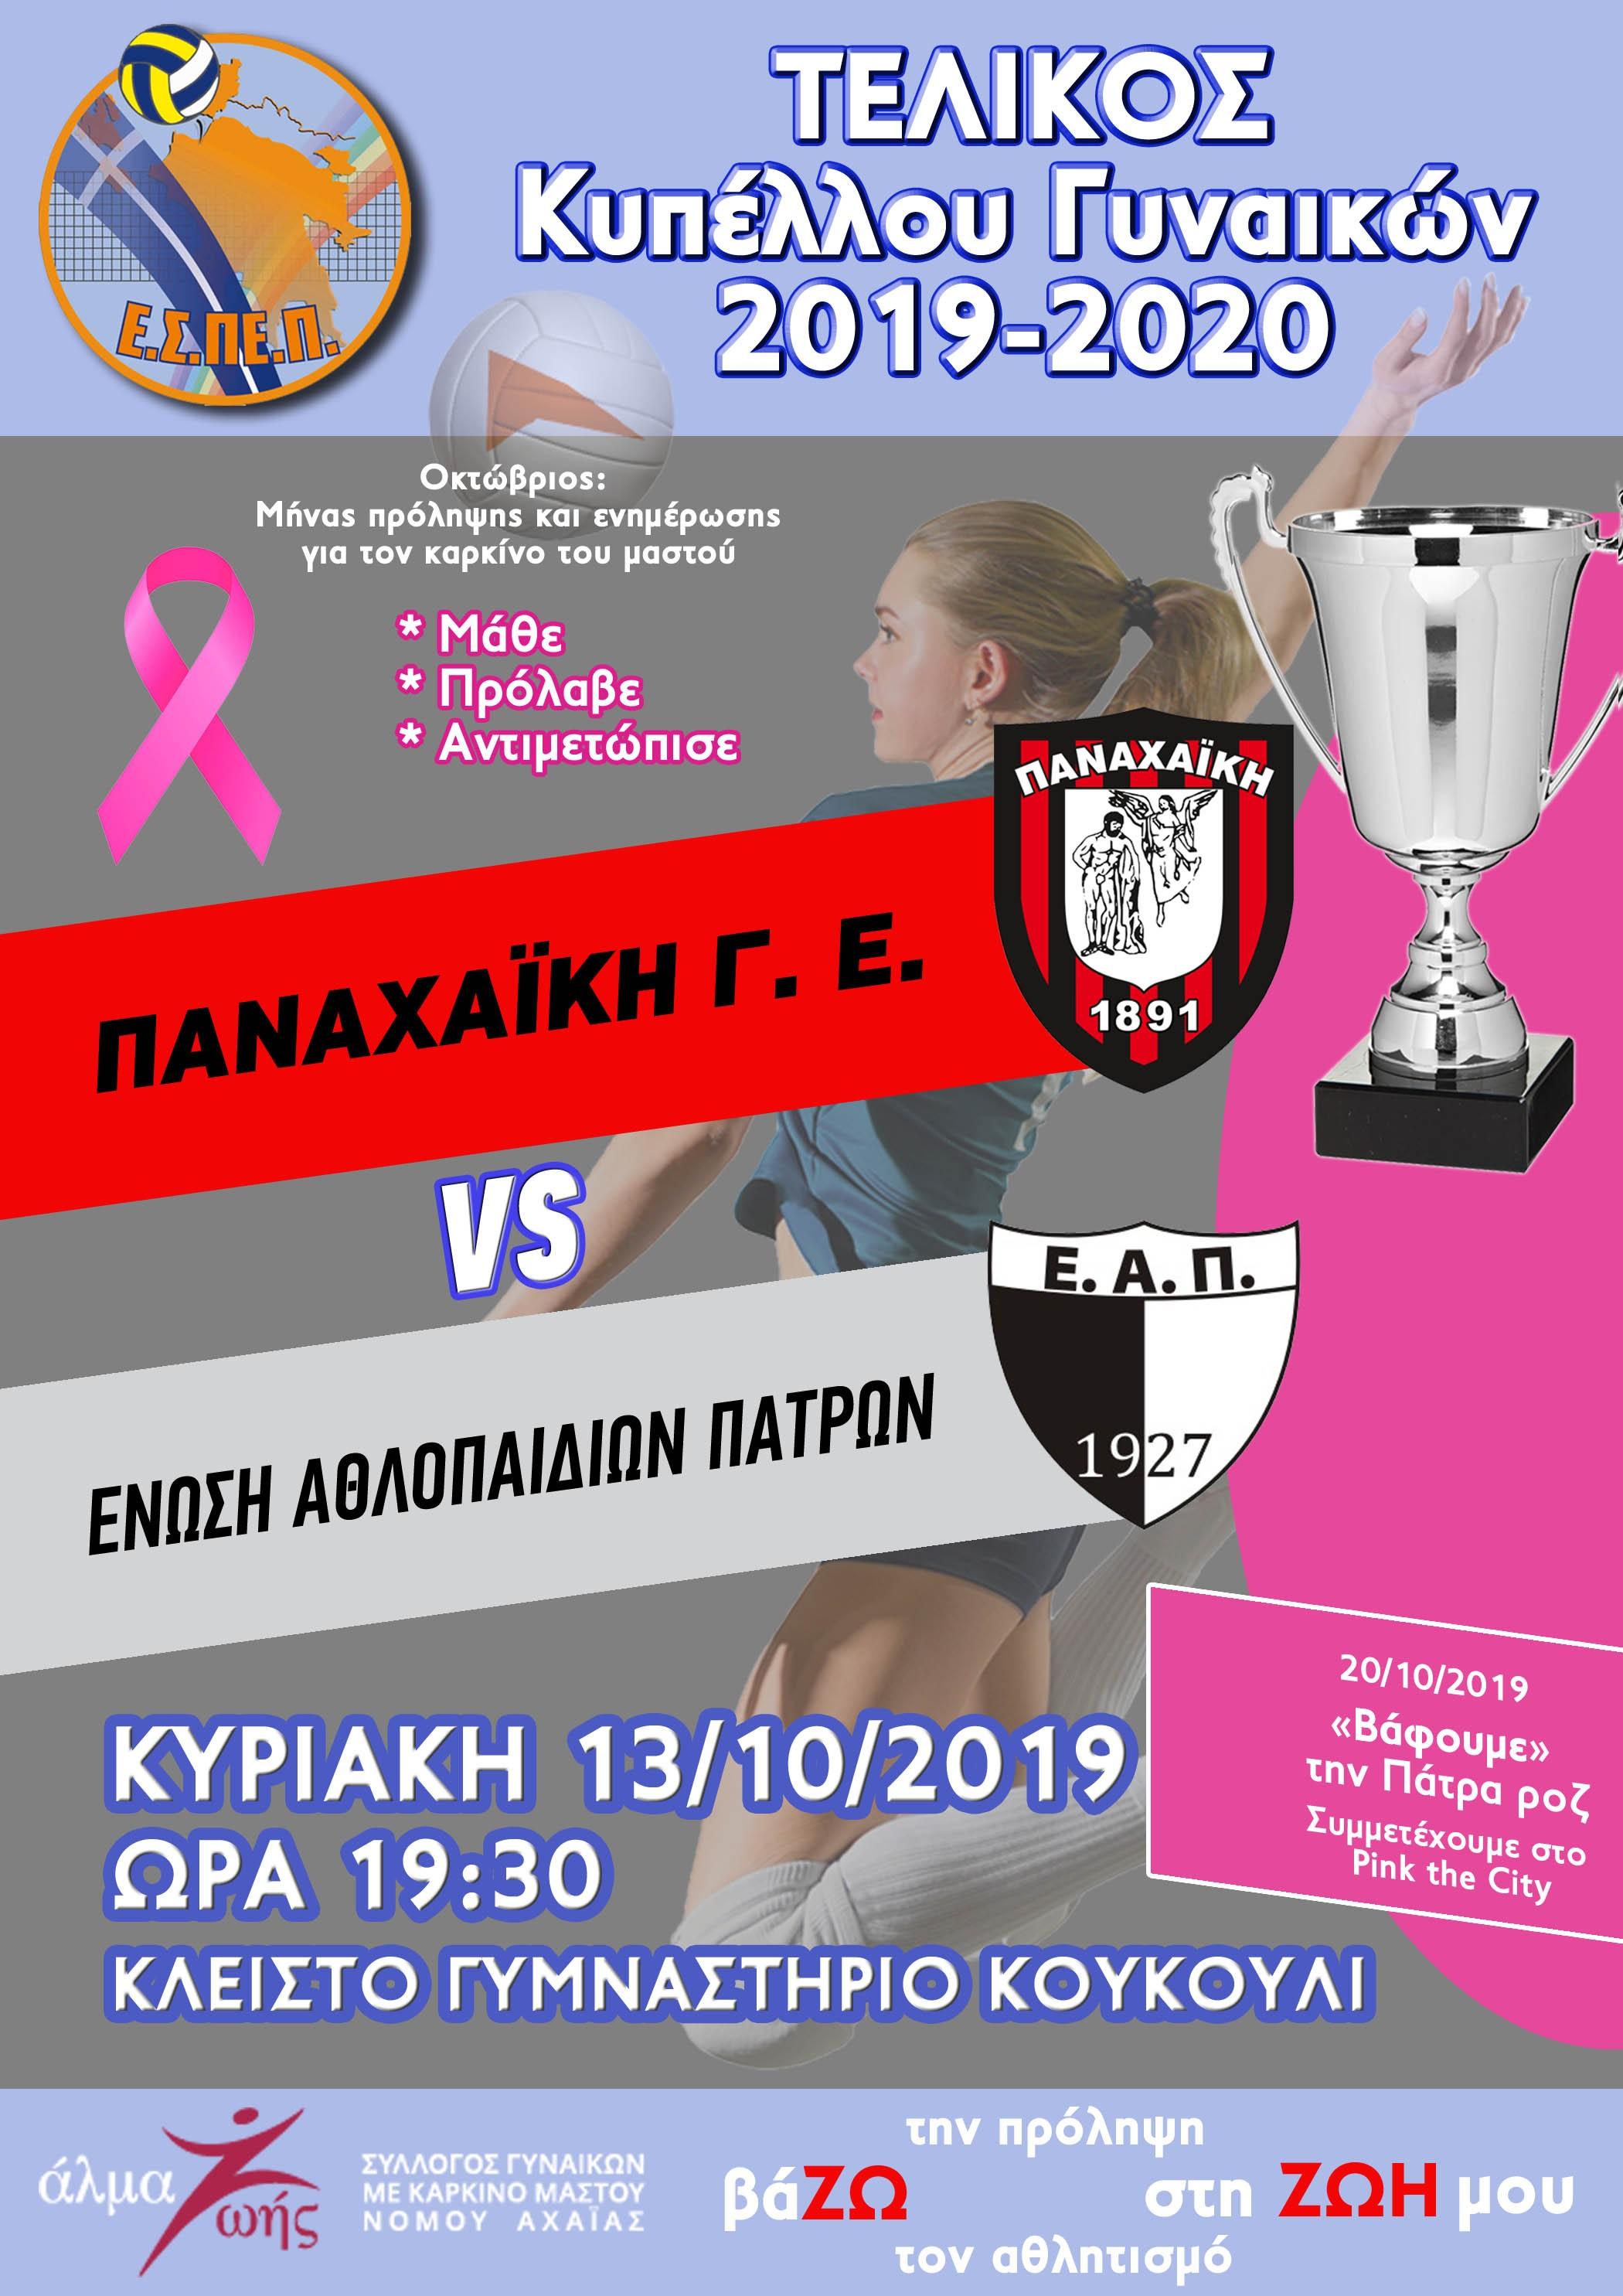 ΕΣΠΕΠ: Αφιερωμένος στην πρόληψη του καρκίνου του μαστού ο τελικός Κυπέλλου γυναικών